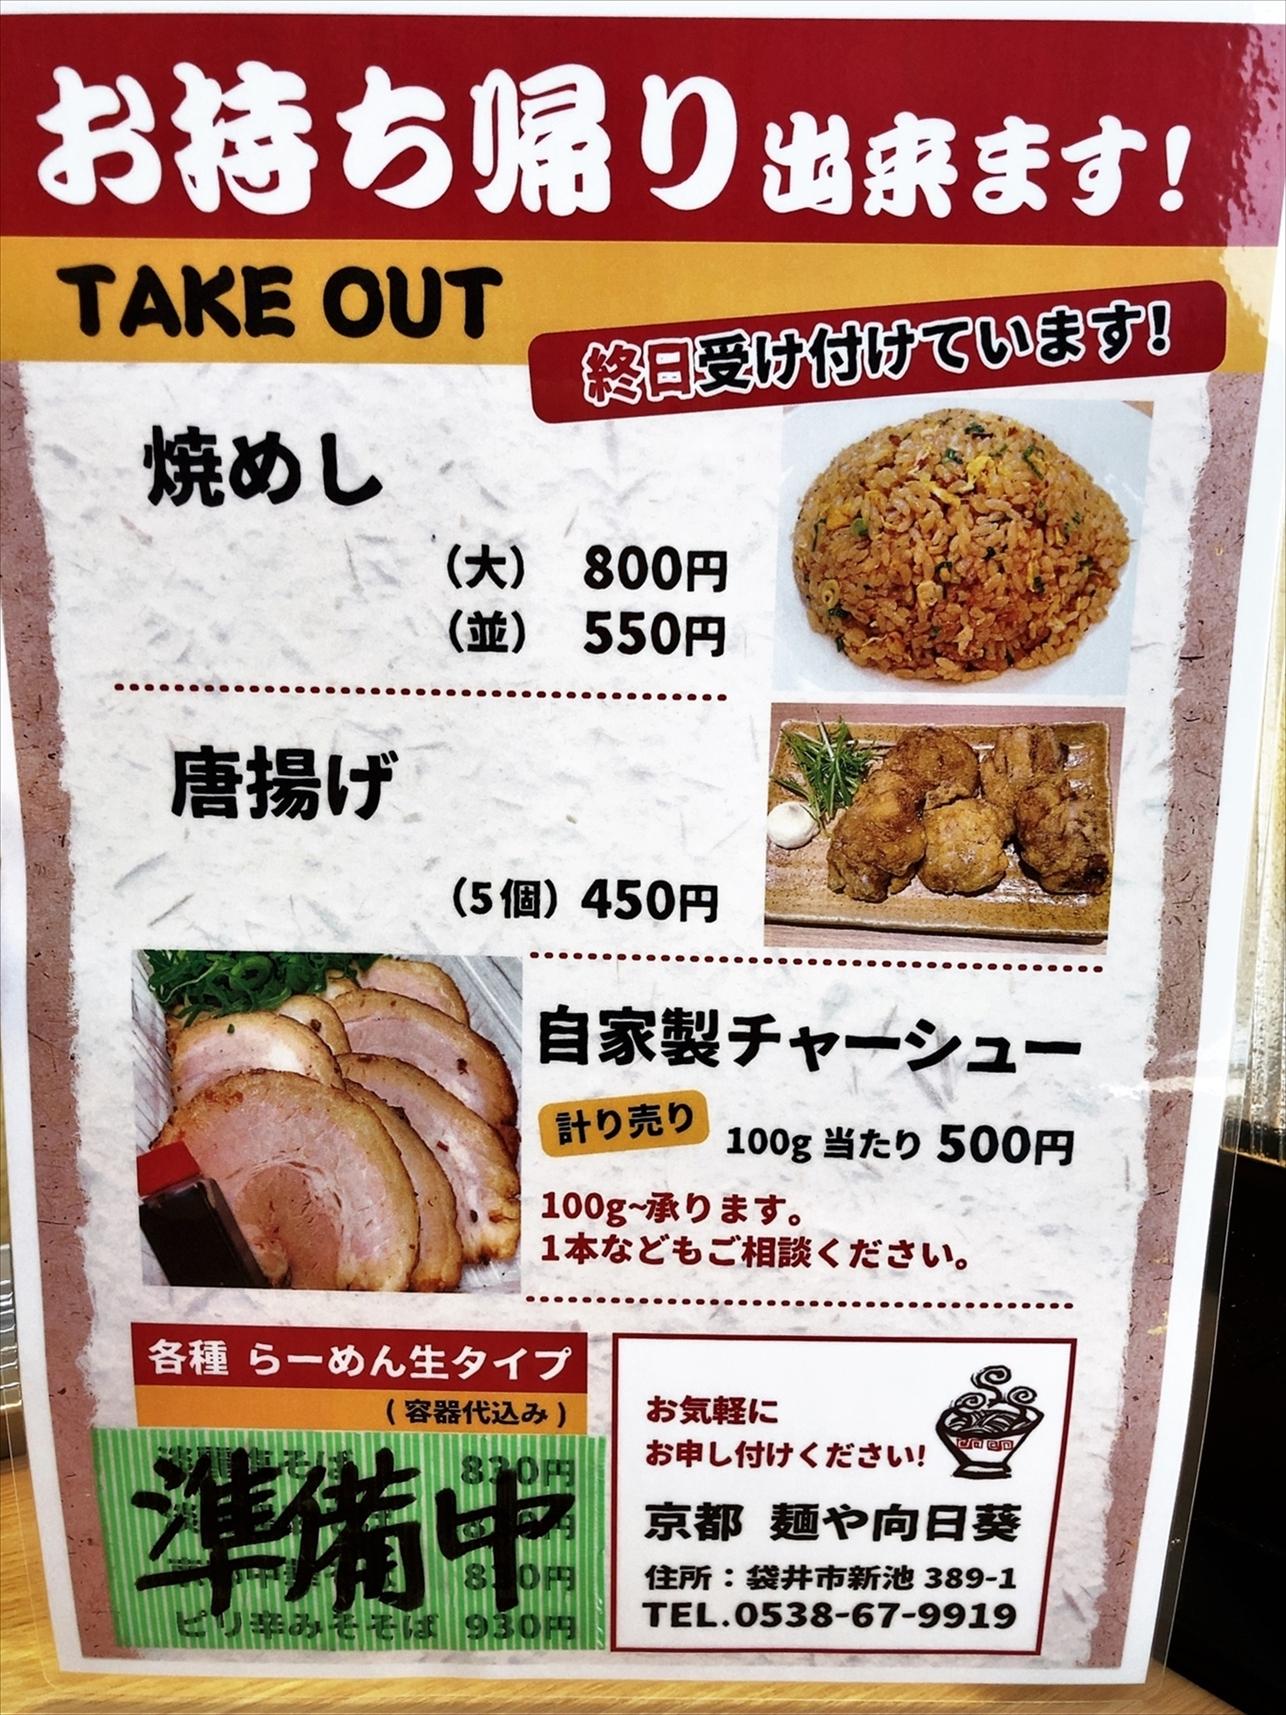 京都 麺や 向日葵のメニュー9